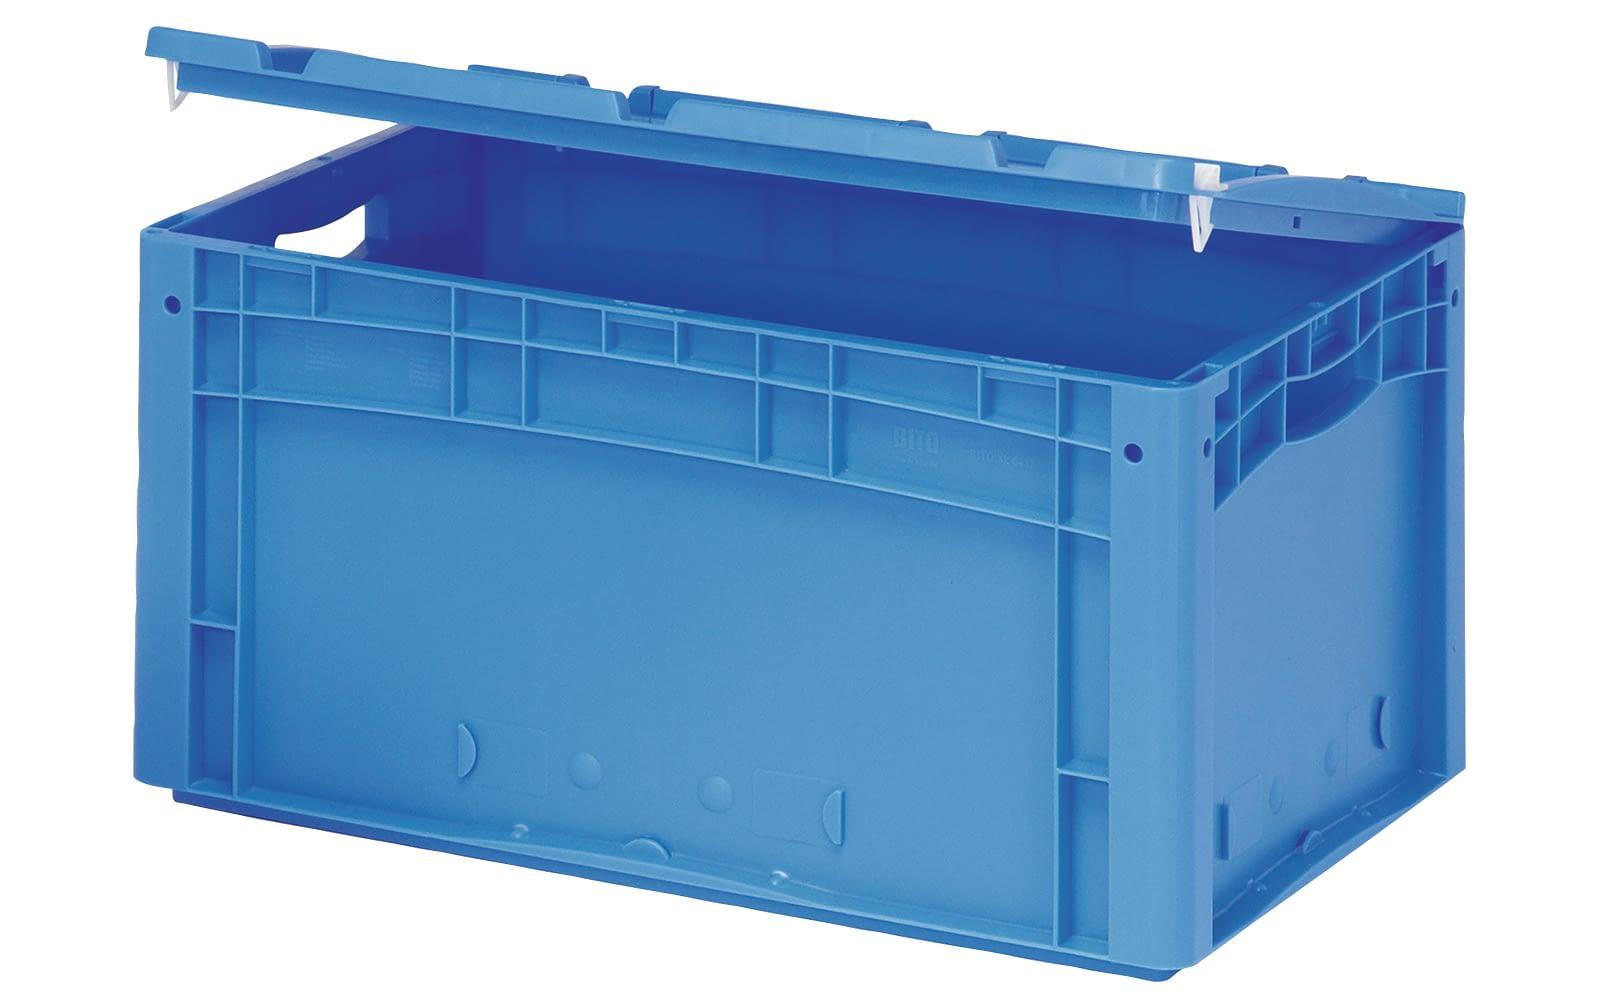 Klappdeckel, Schnappverschluss, blau, IMG_29725